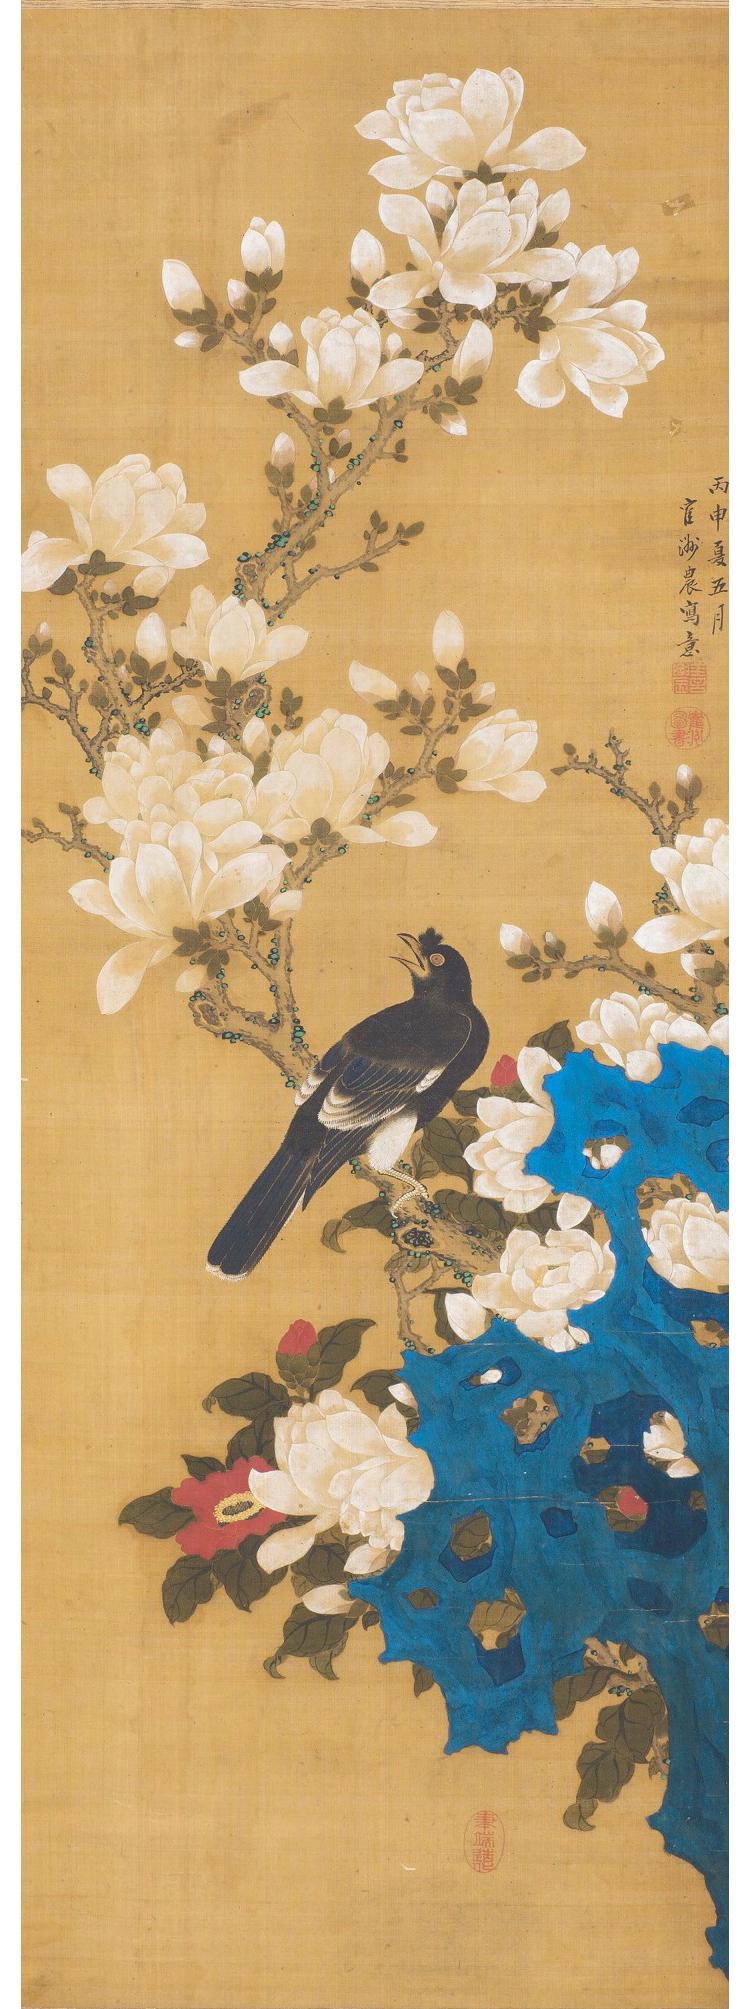 鶴洲《木蓮に叭々鳥図》